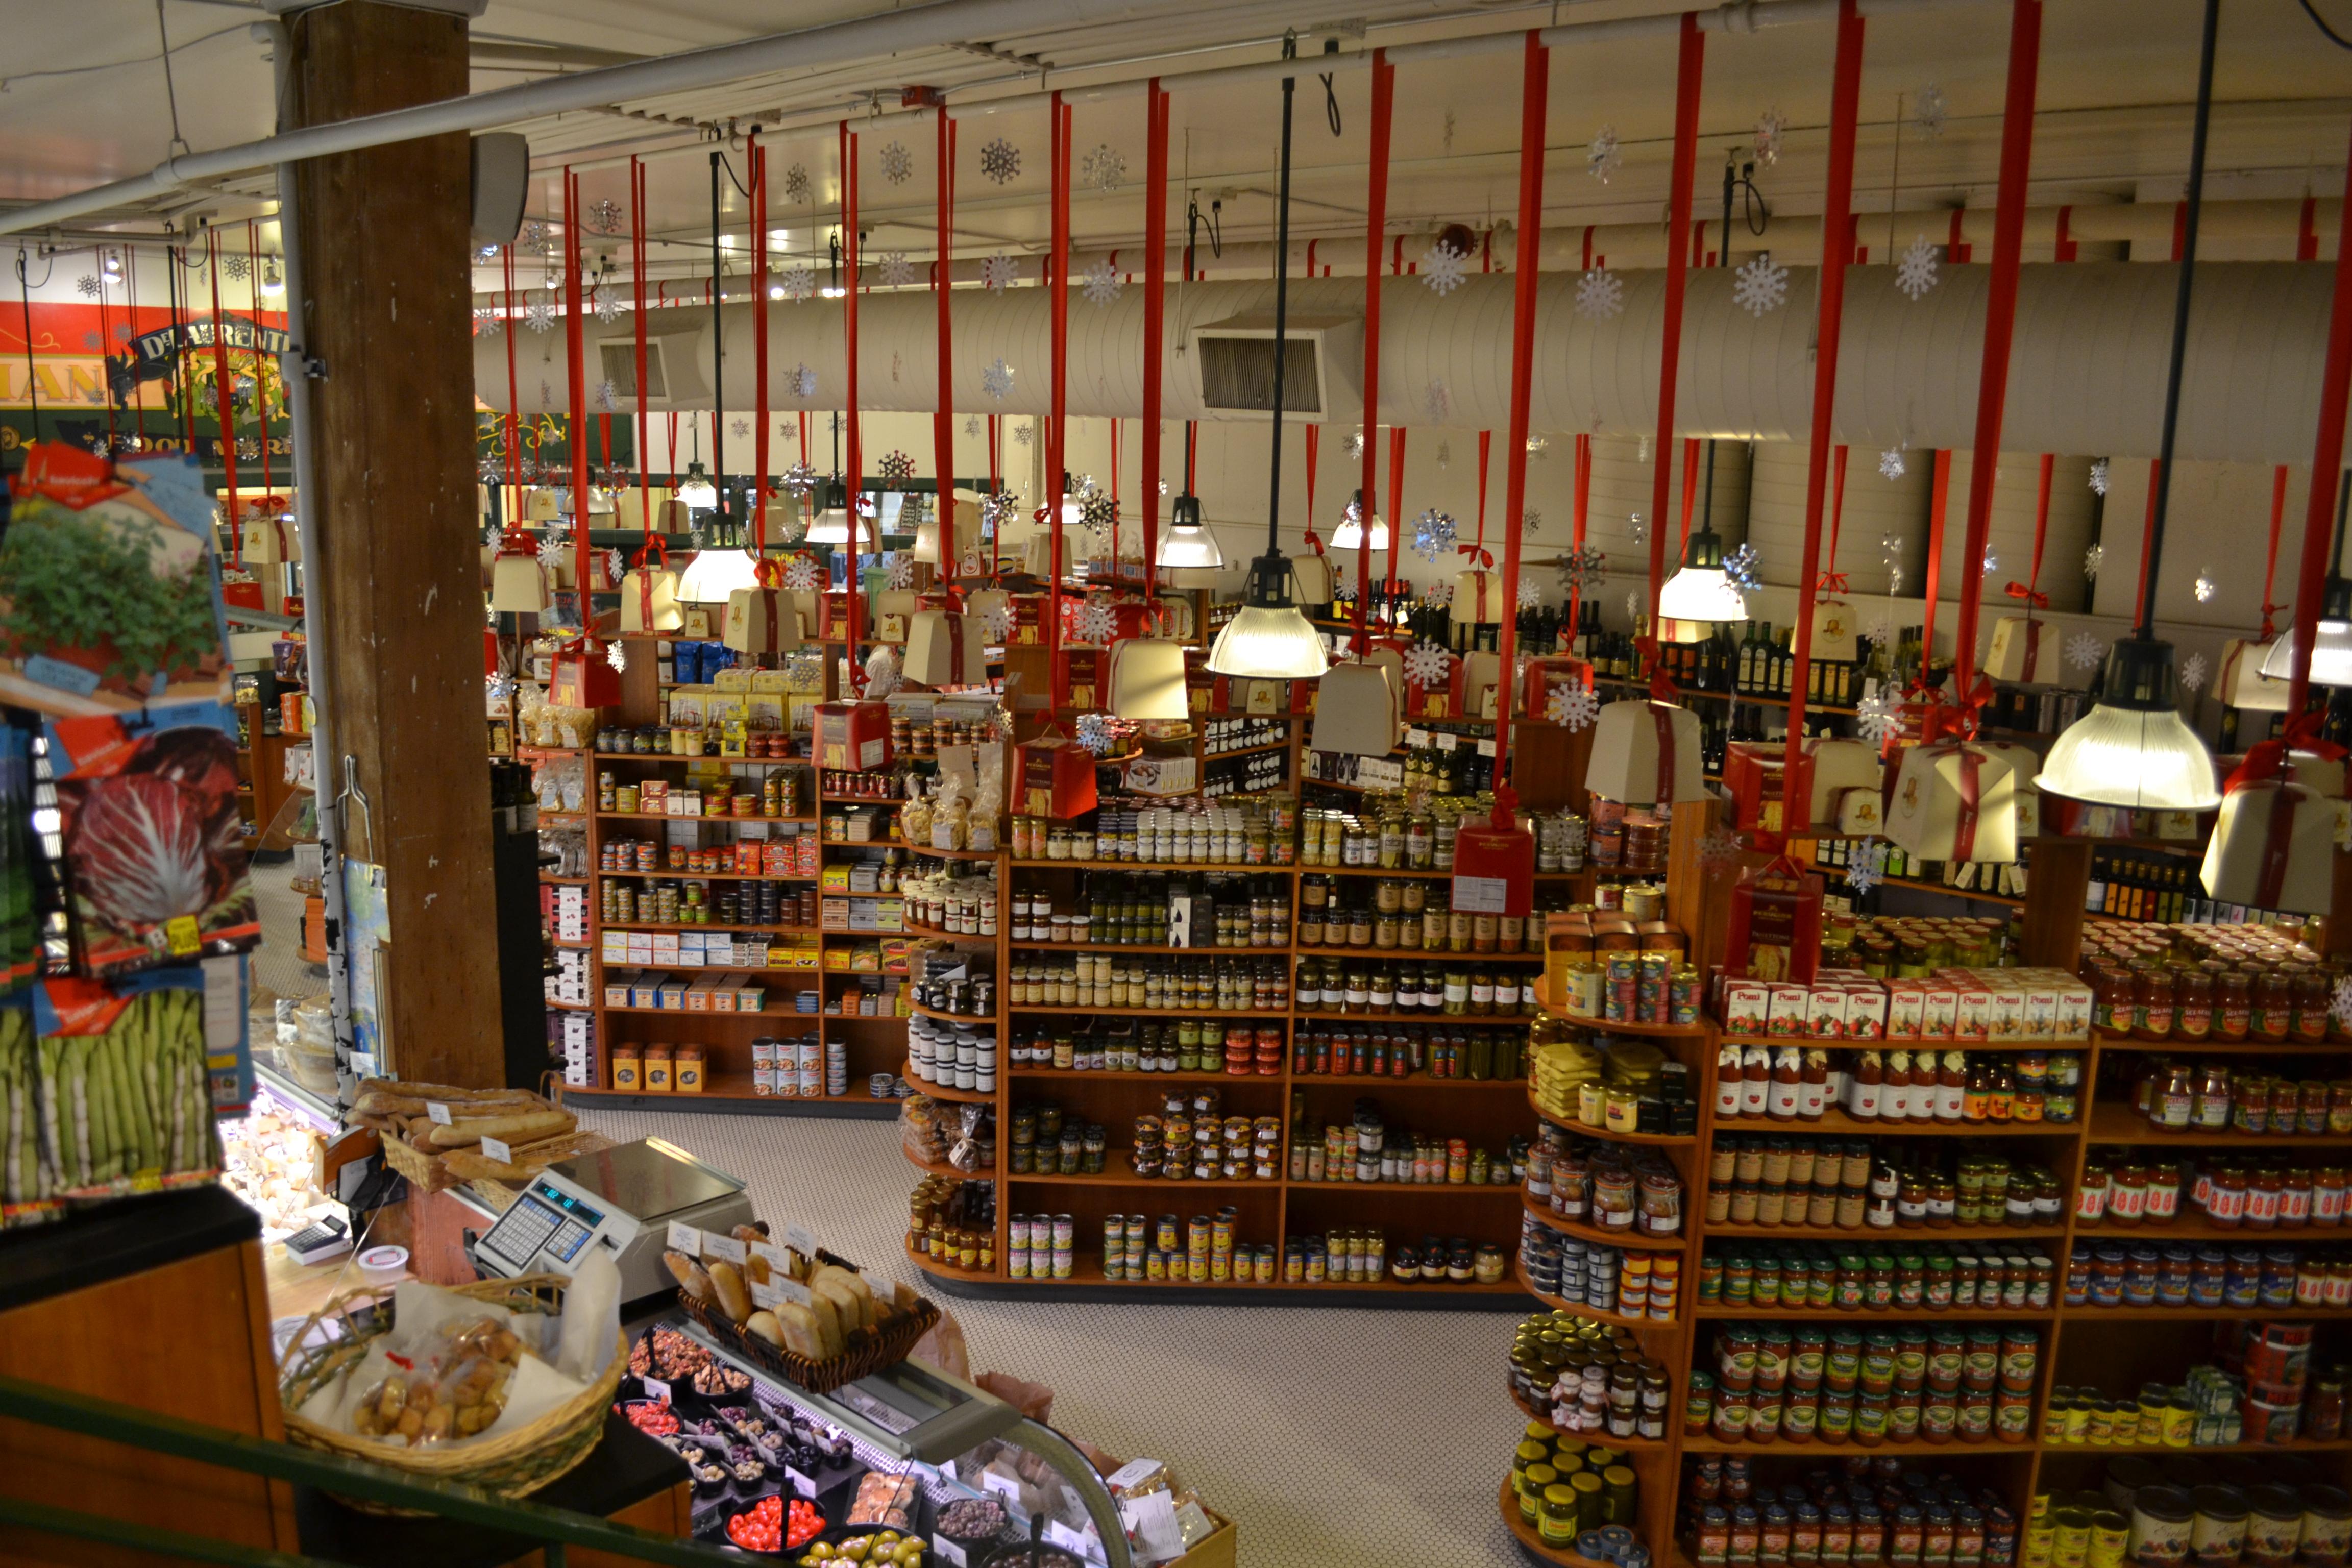 Specality Food Market In Saco Maine In Dunstan School